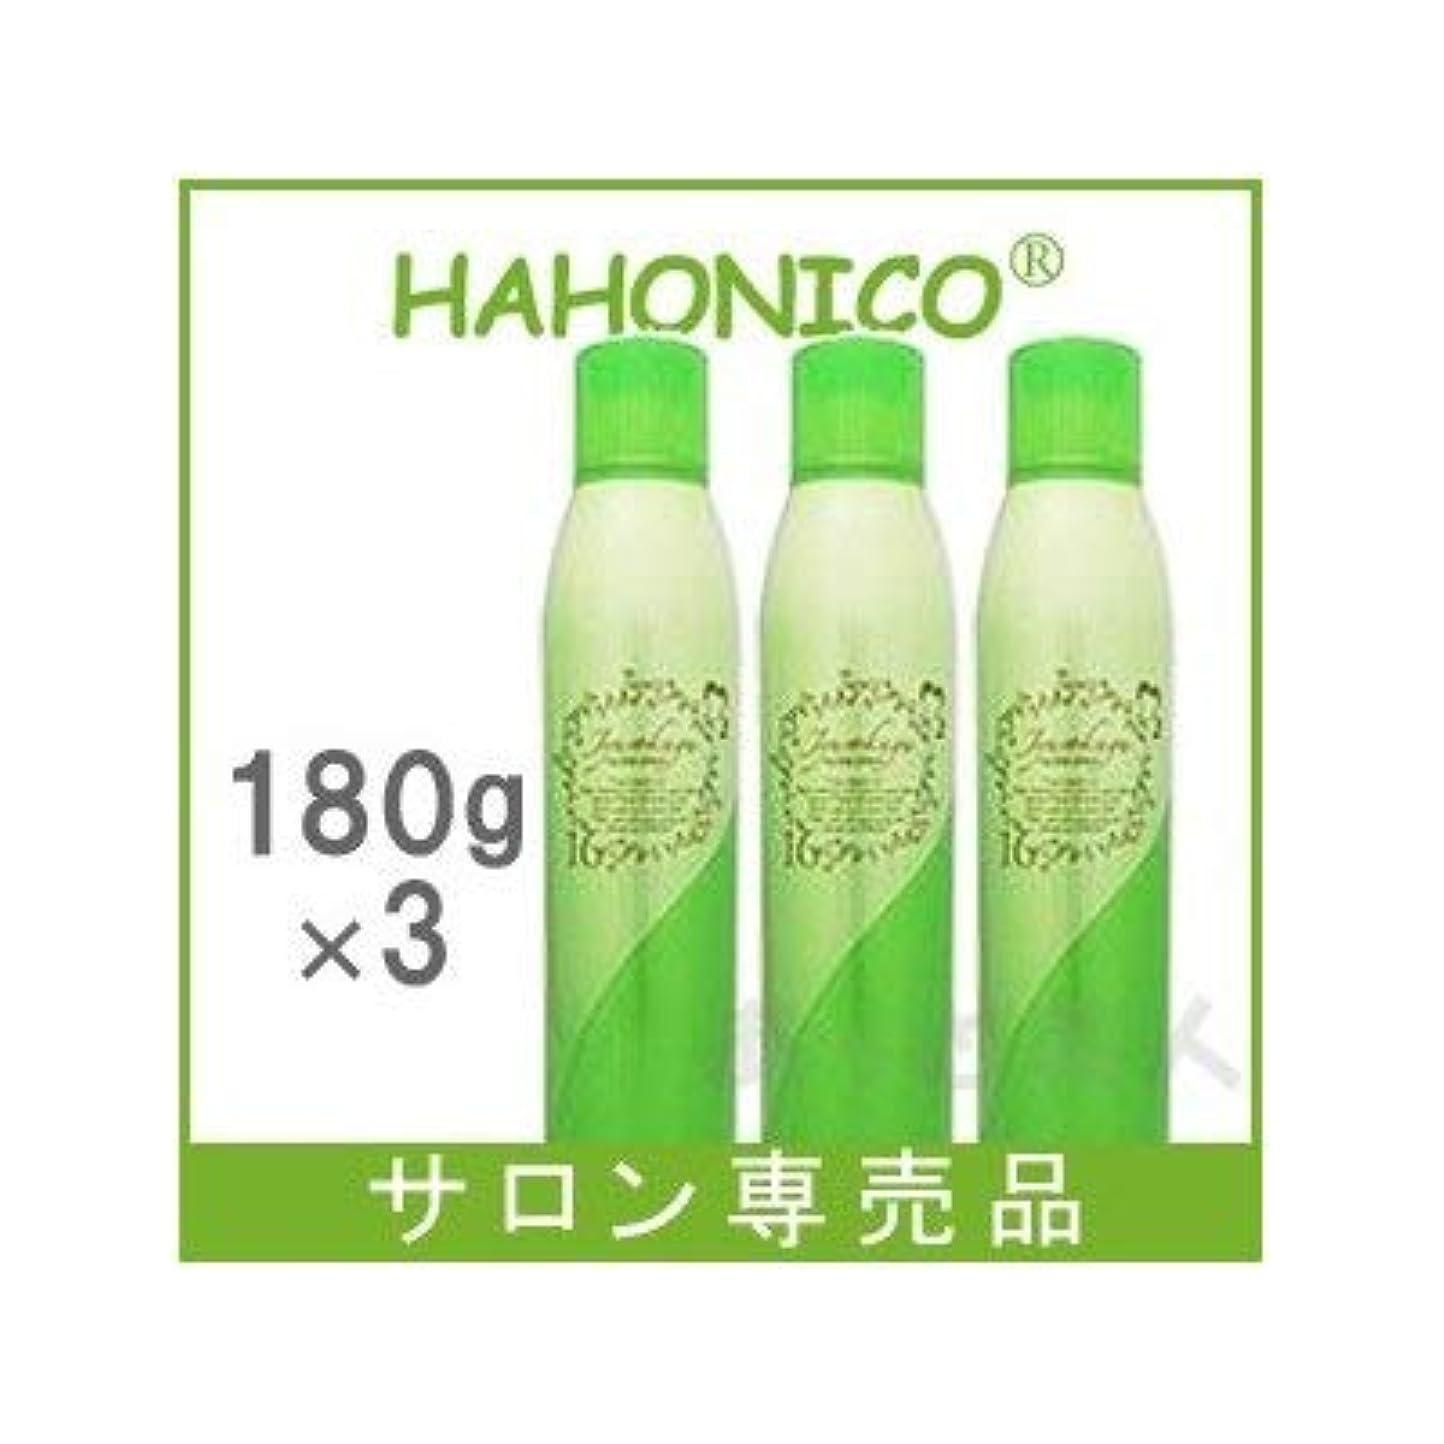 悲劇複雑な冷ややかな【X3個セット】 ハホニコ ジュウロクユ ツヤスプレー 180g 十六油 HAHONICO